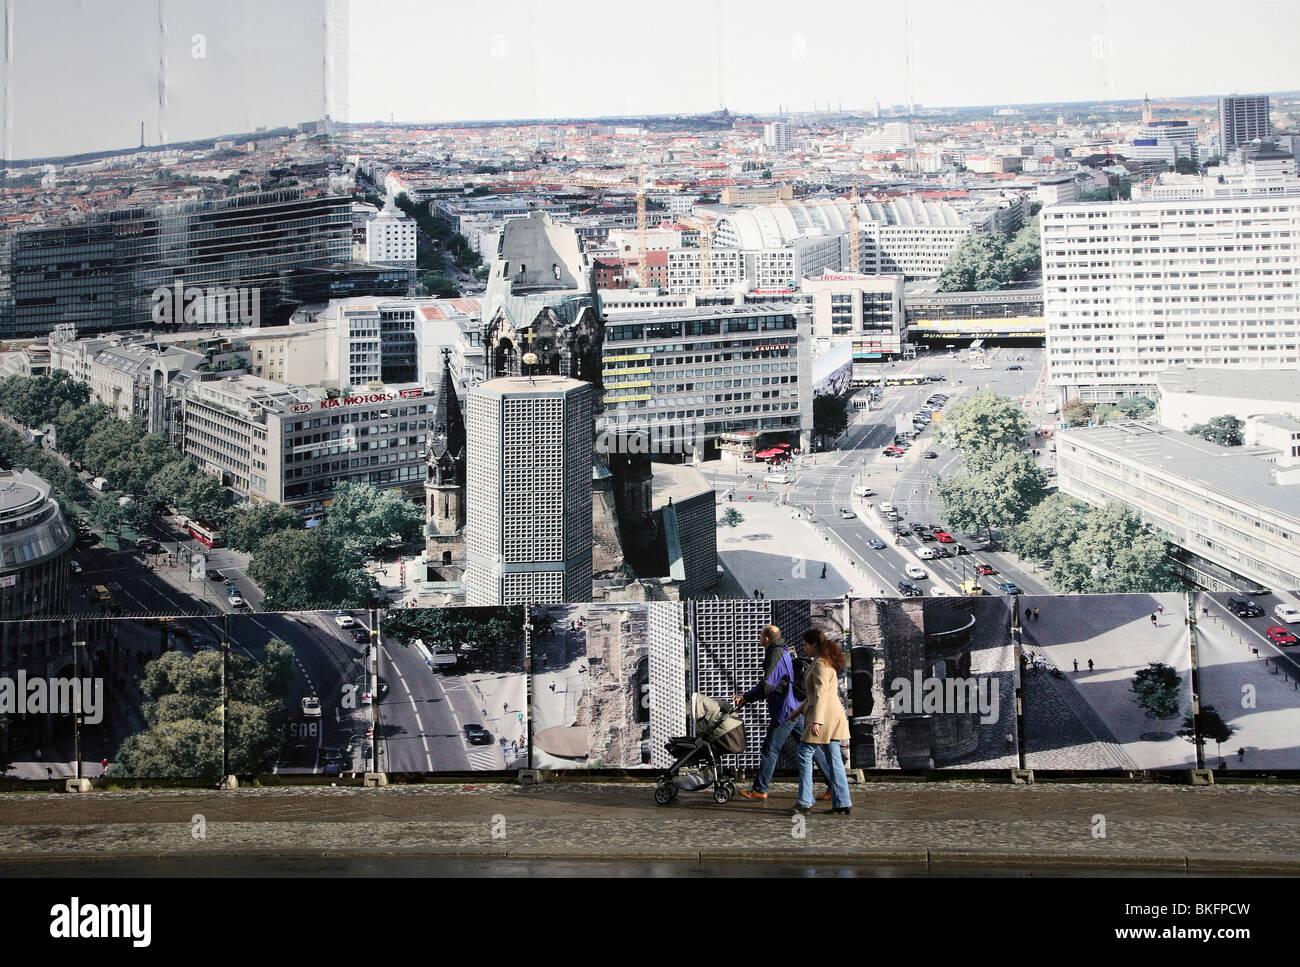 Grandi poster che mostra il centro della città di Berlino, Germania Immagini Stock